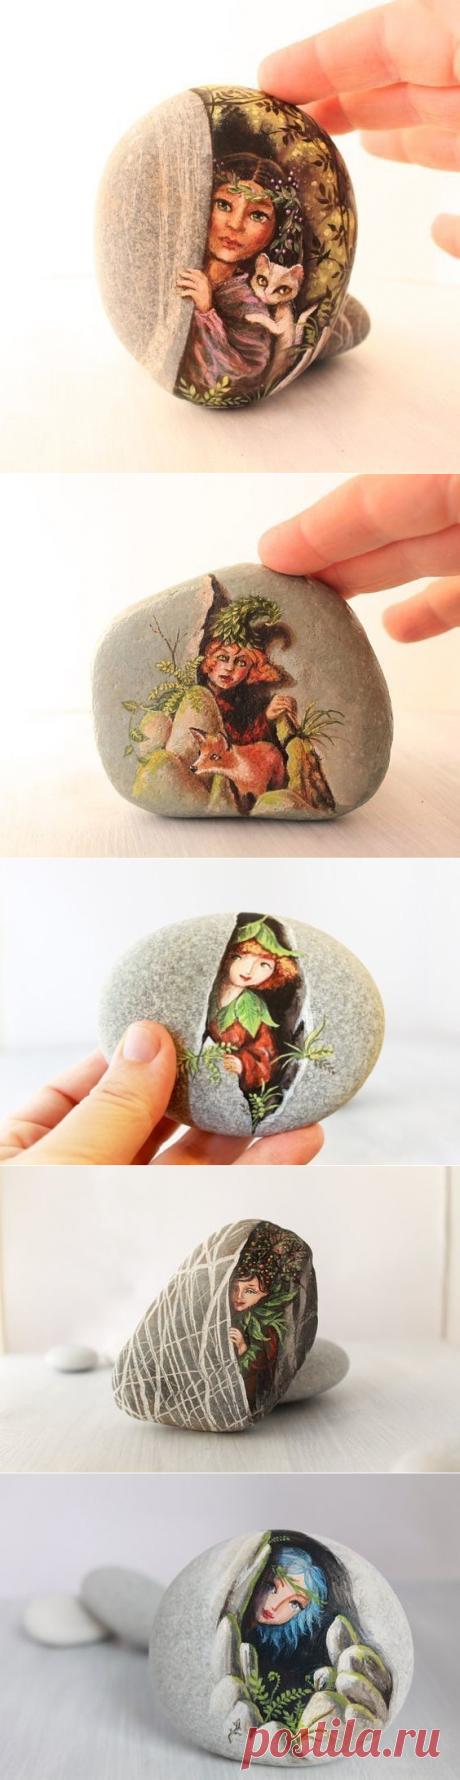 Идеи потрясающей росписи камней